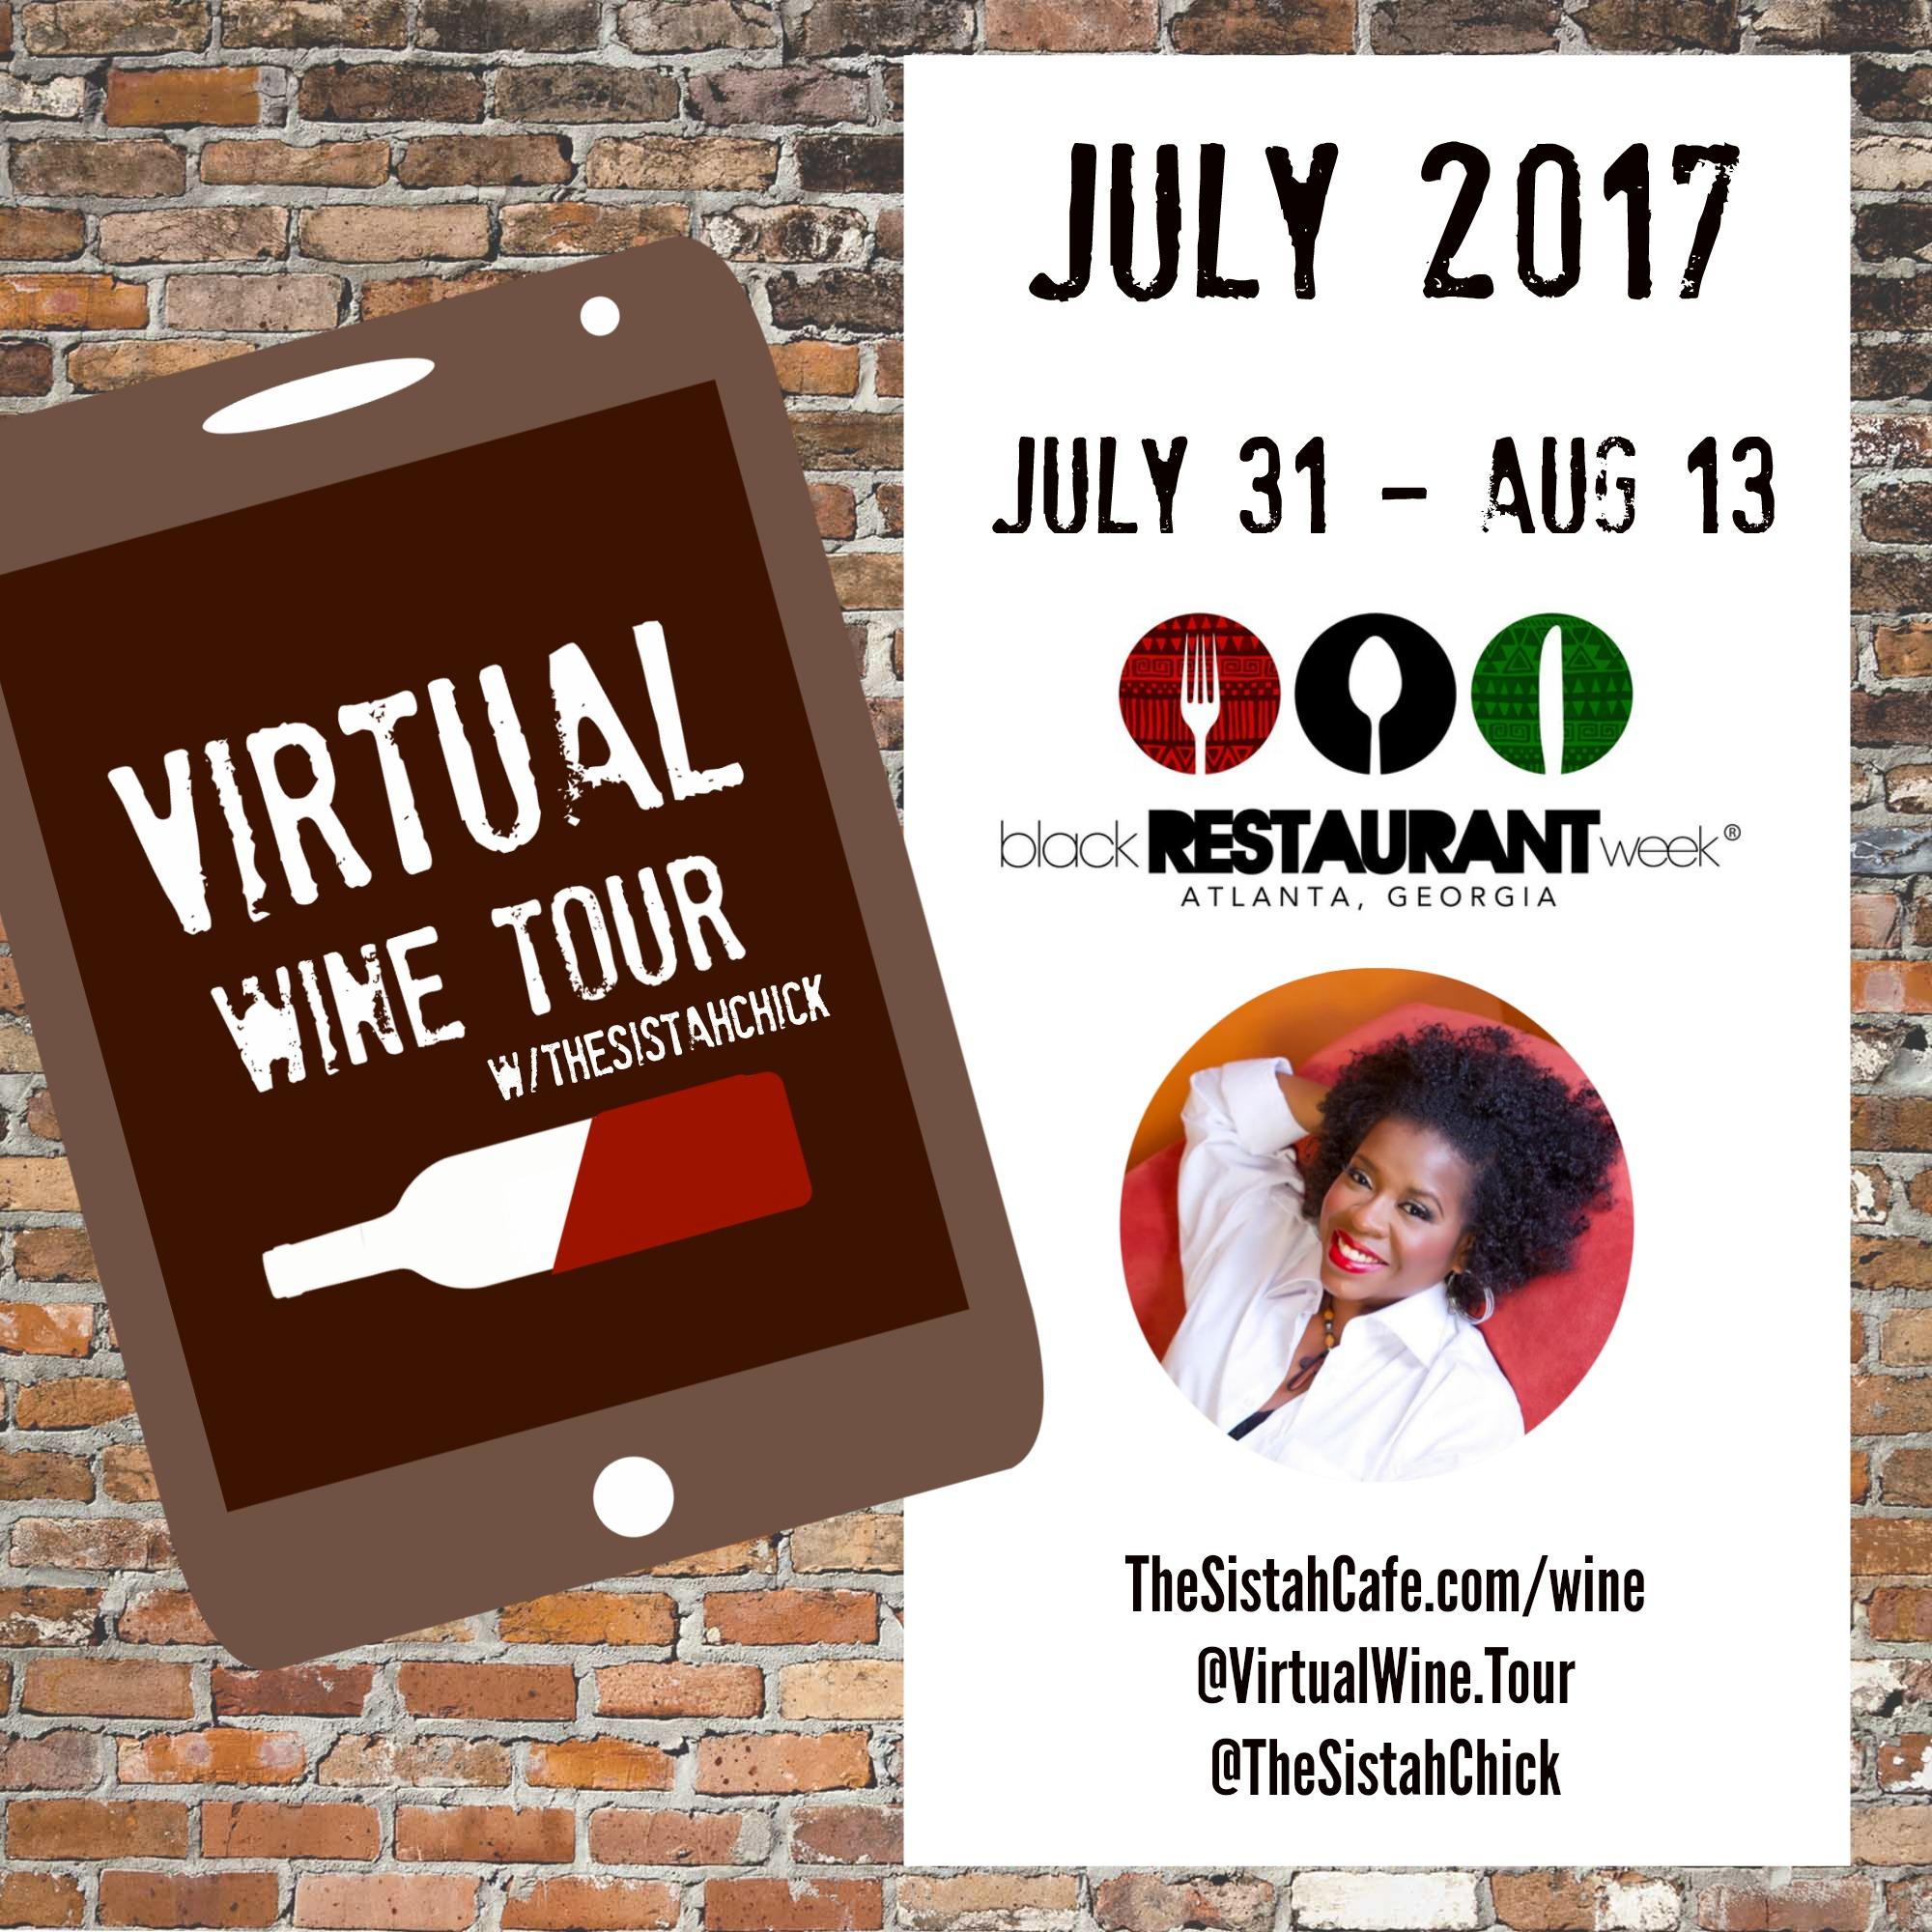 black restaurant week is expanding to atlanta! - the sistah cafe